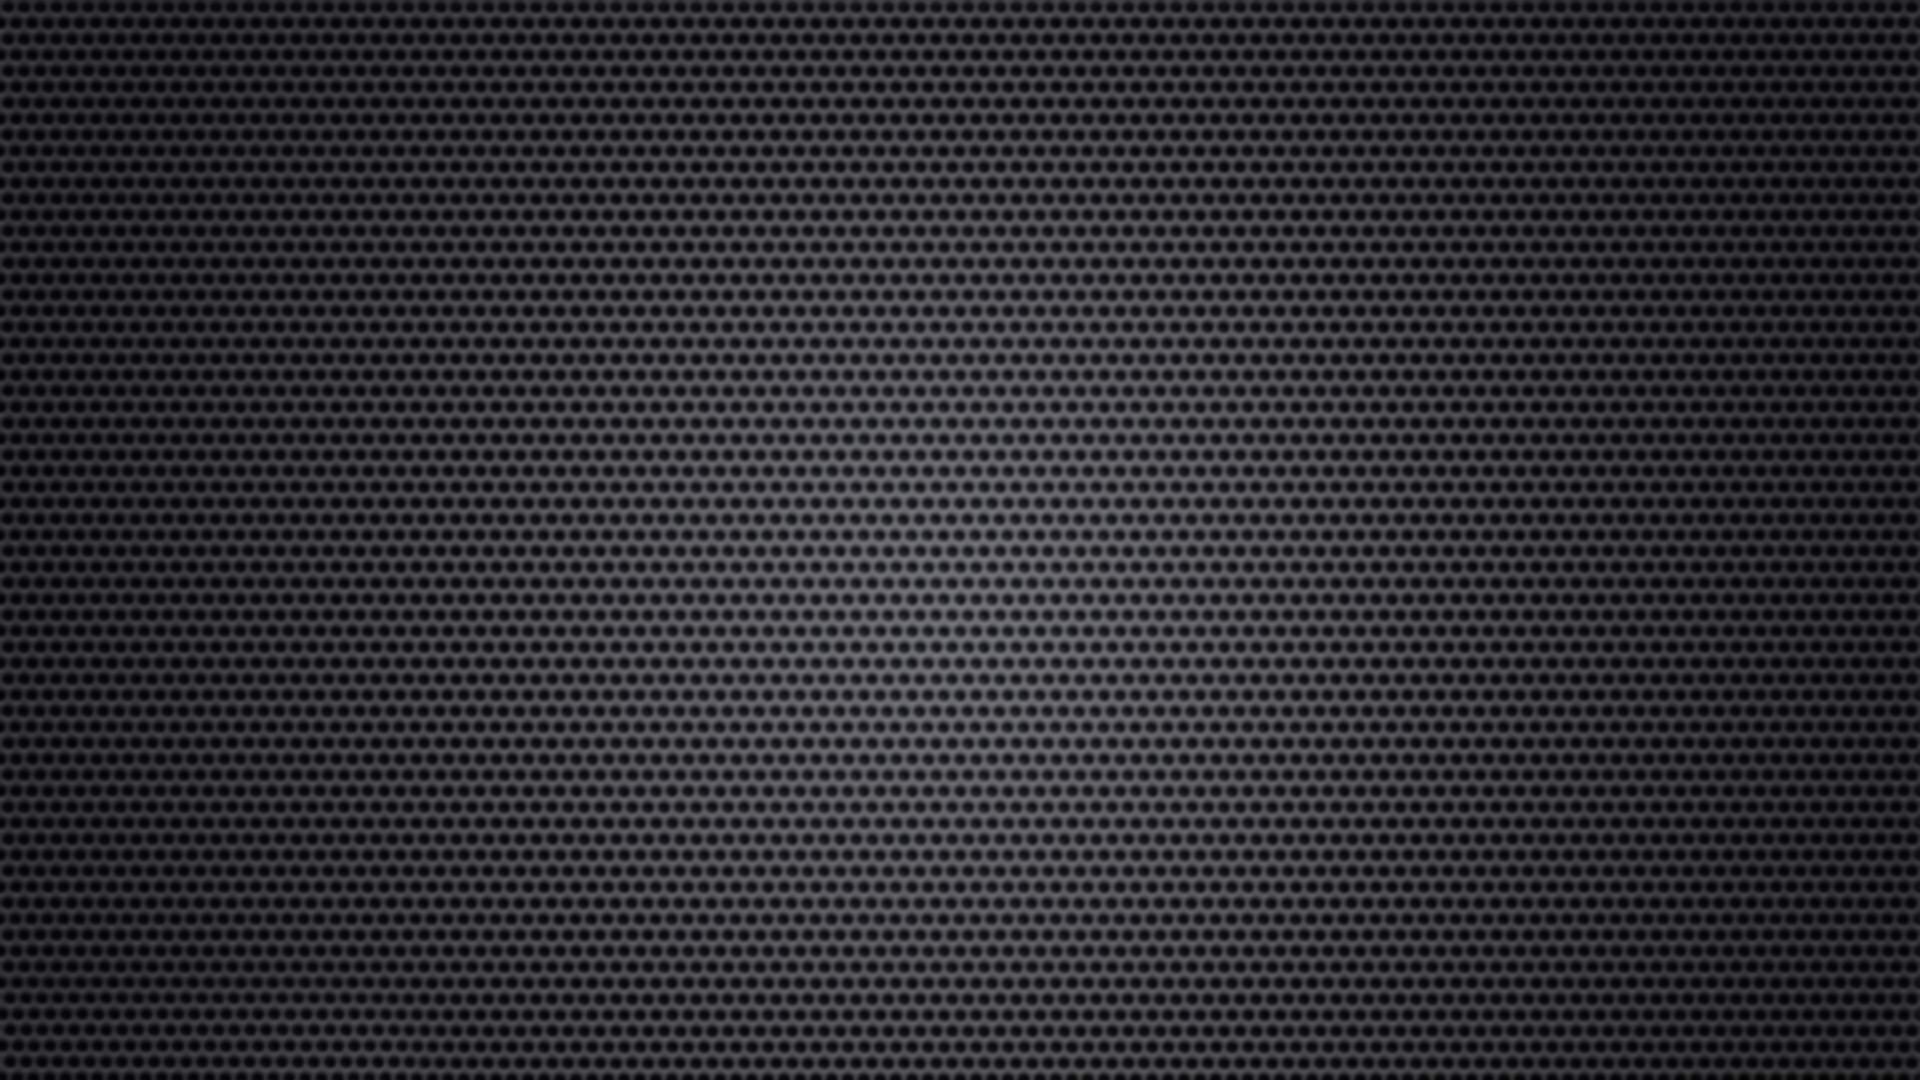 perforated-metal-wallpaper-1.jpg